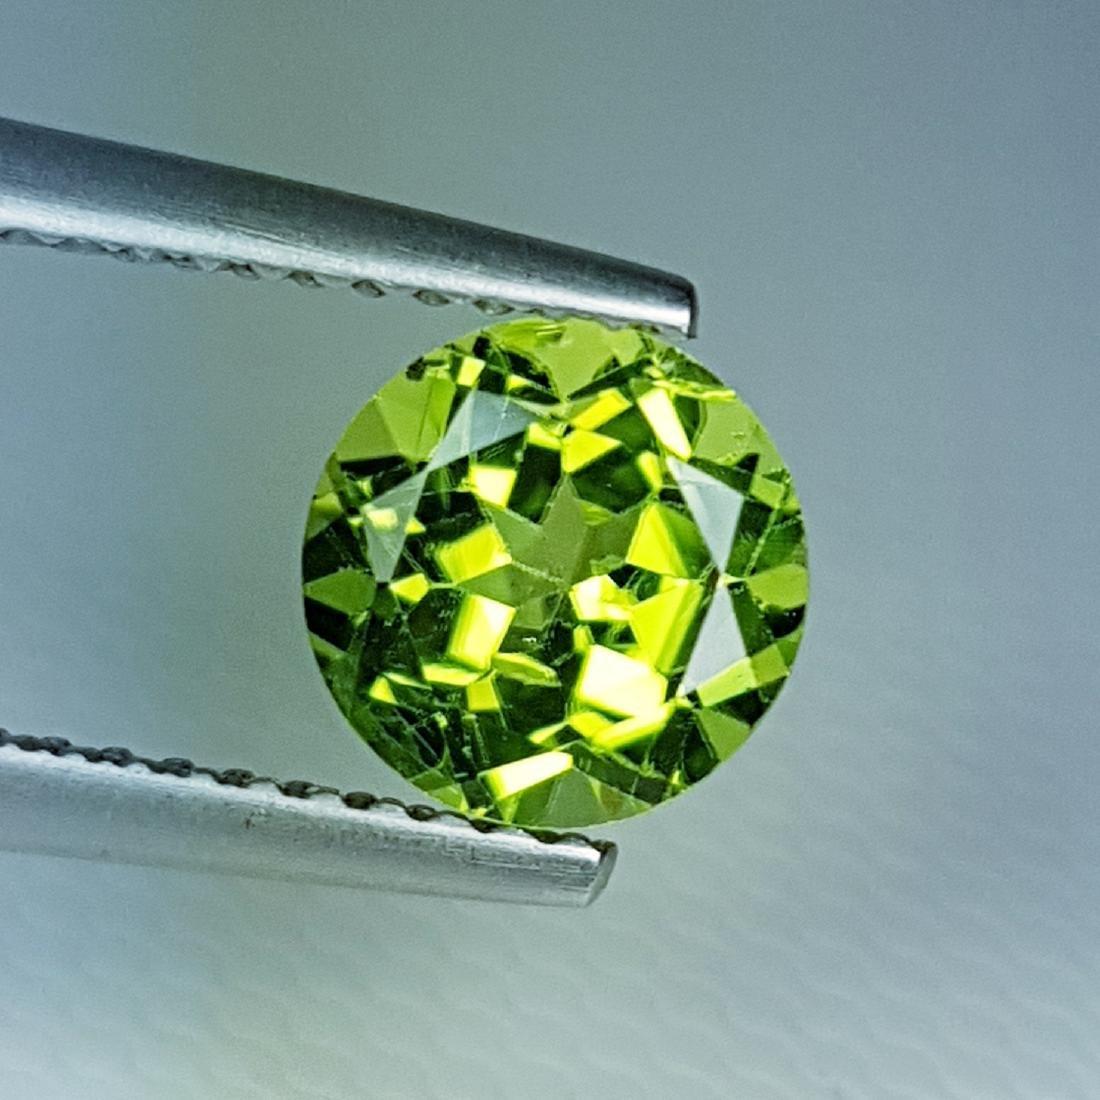 AAA Grade Natural Peridot - 1.53 ct - 2